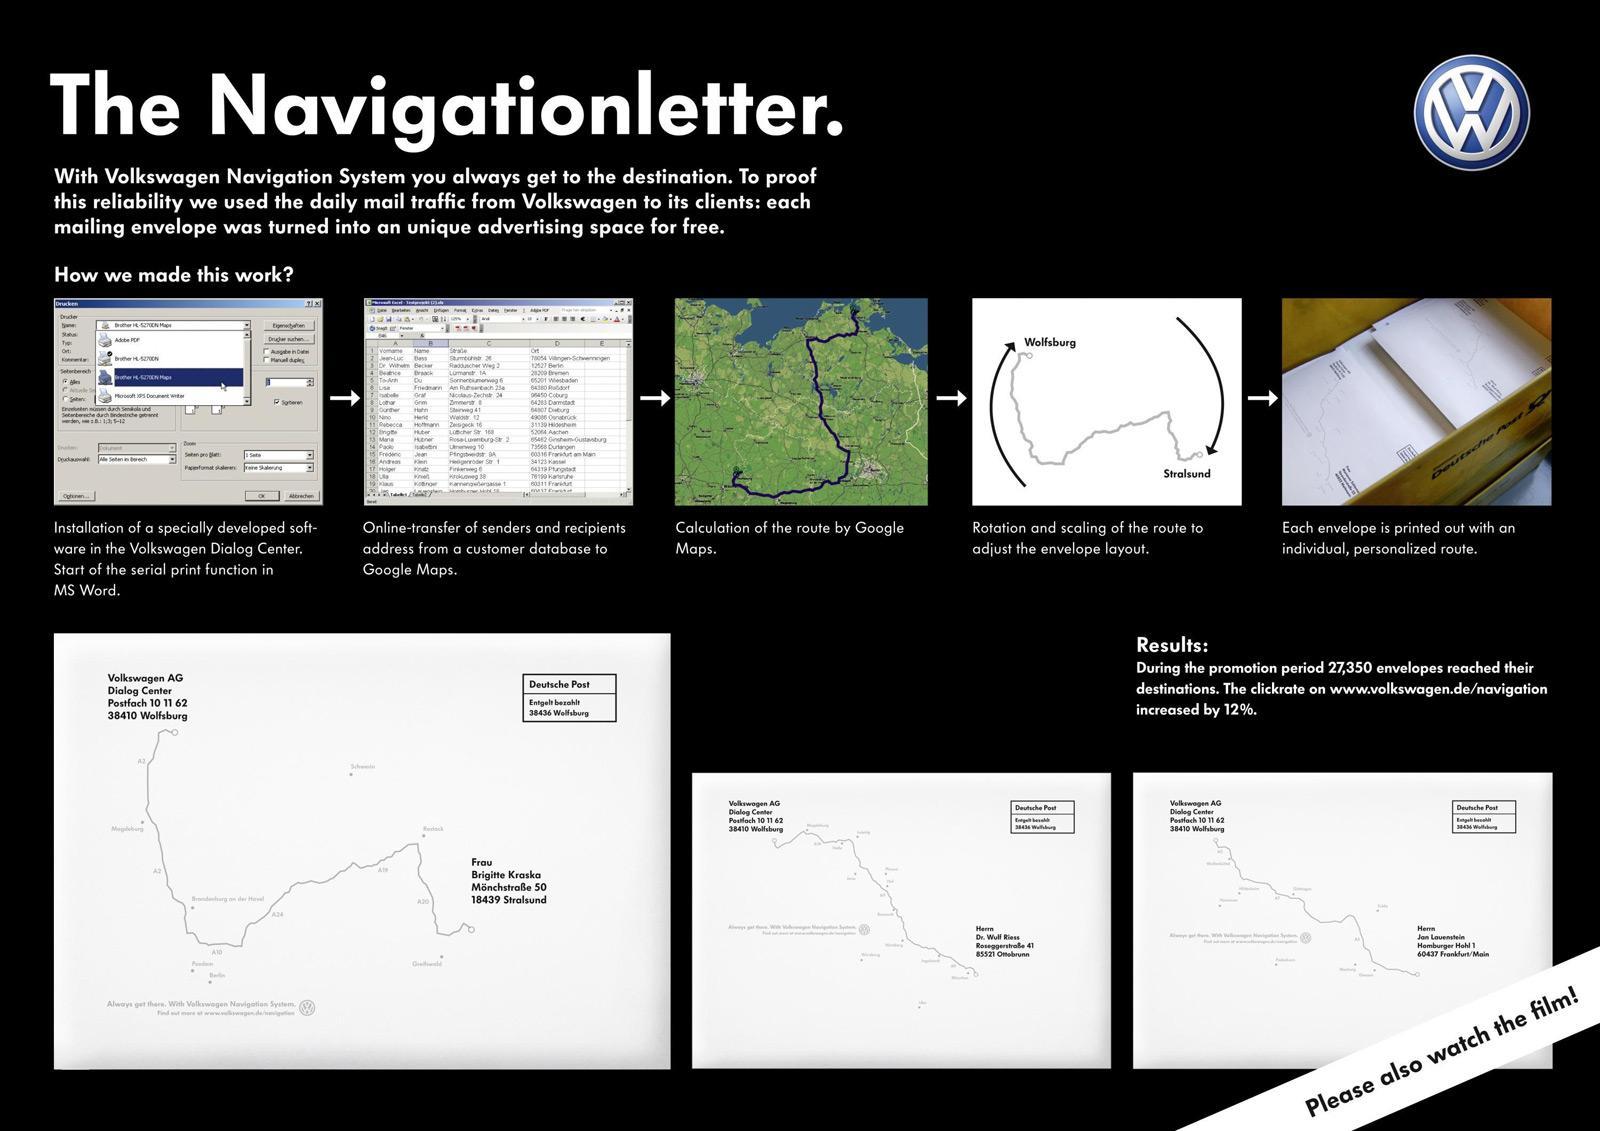 Volkswagen Direct Ad -  The Navigationletter